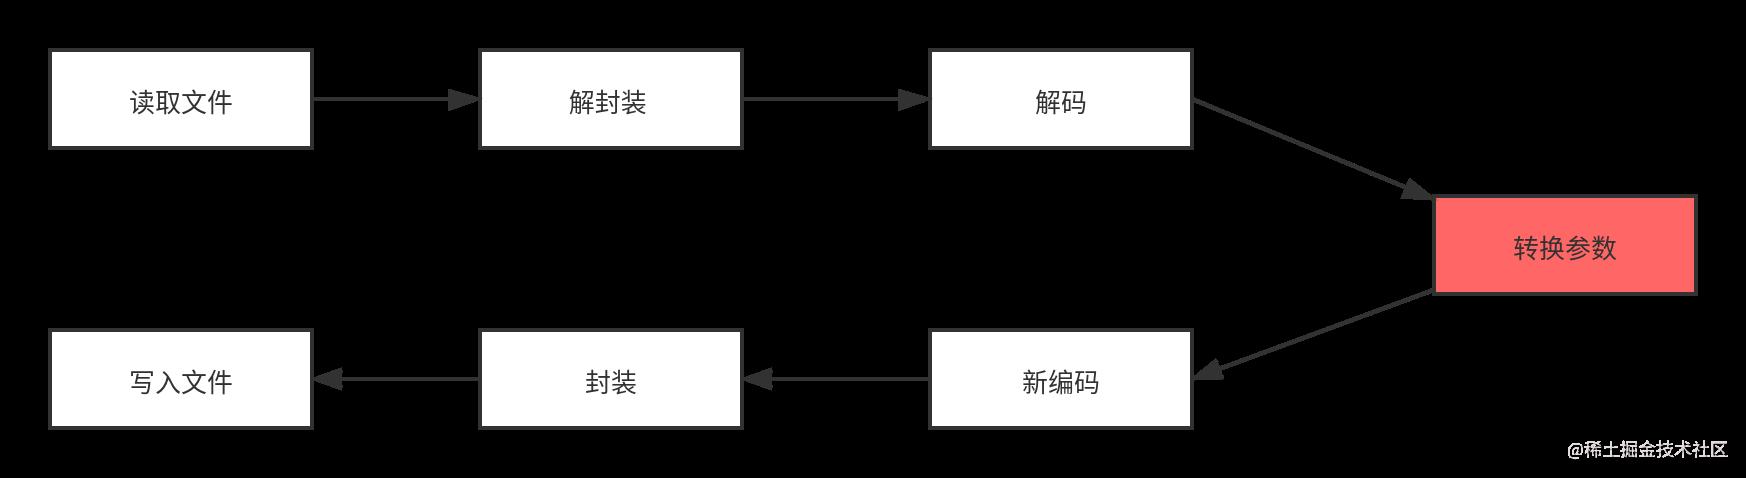 ffmpeg转码工作流程 (1).png